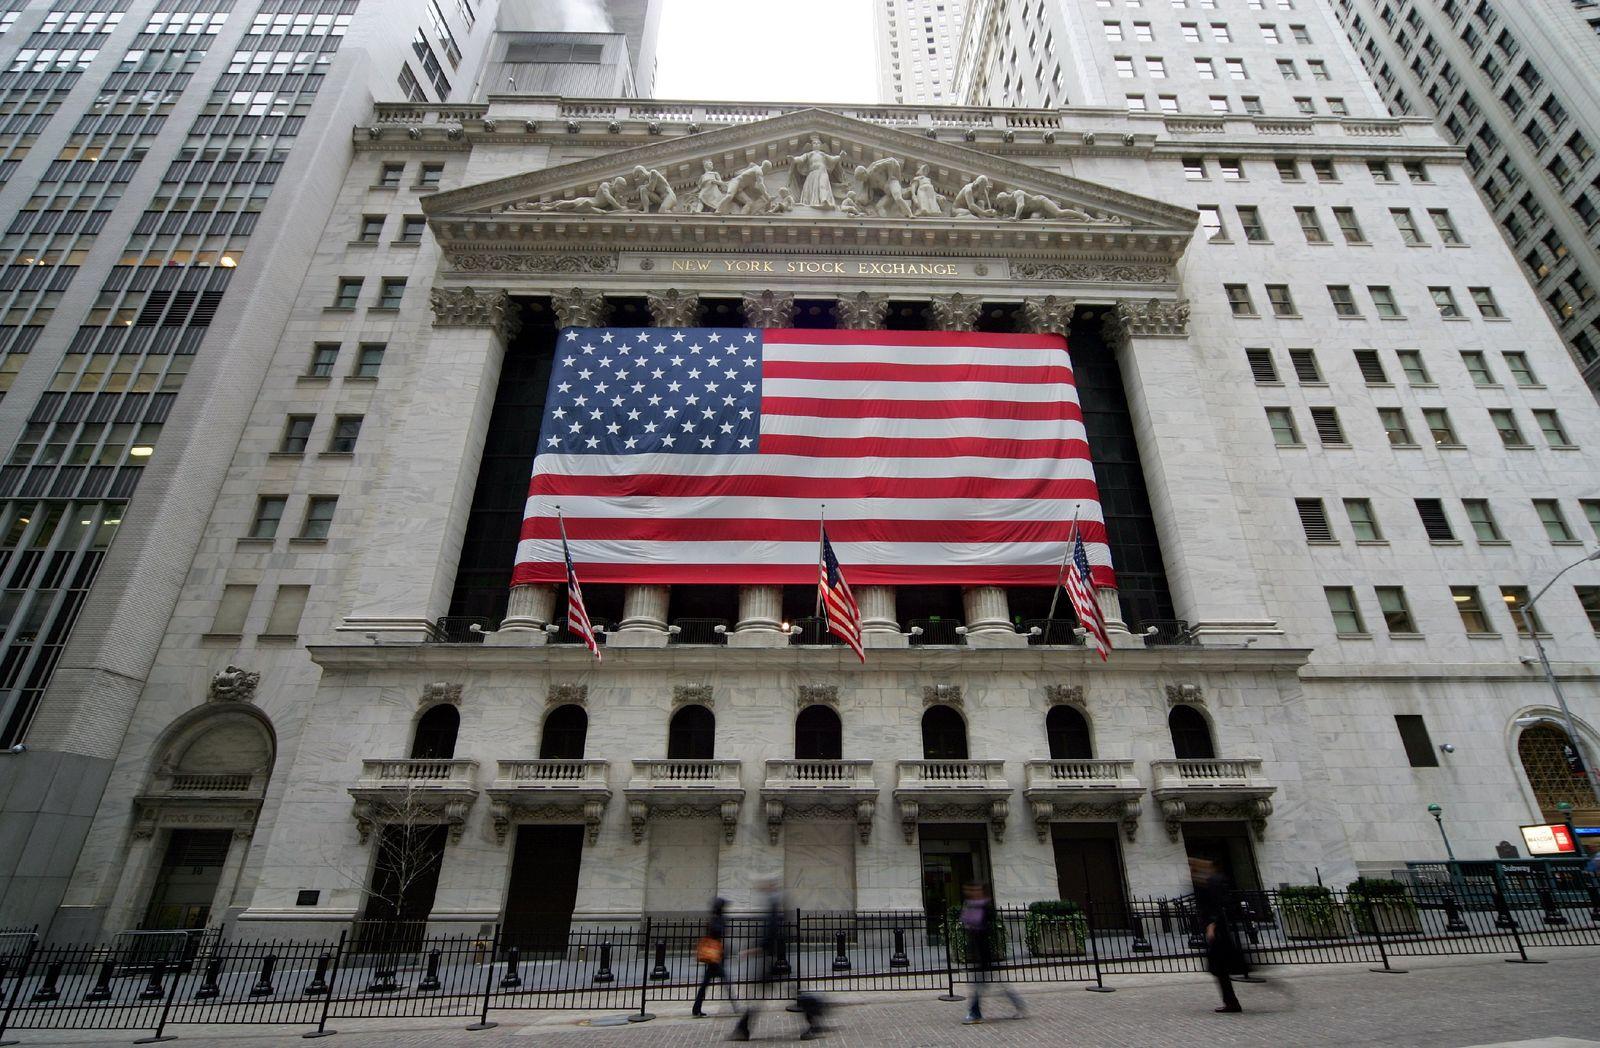 Börse in New York - Sturzflug der Aktien